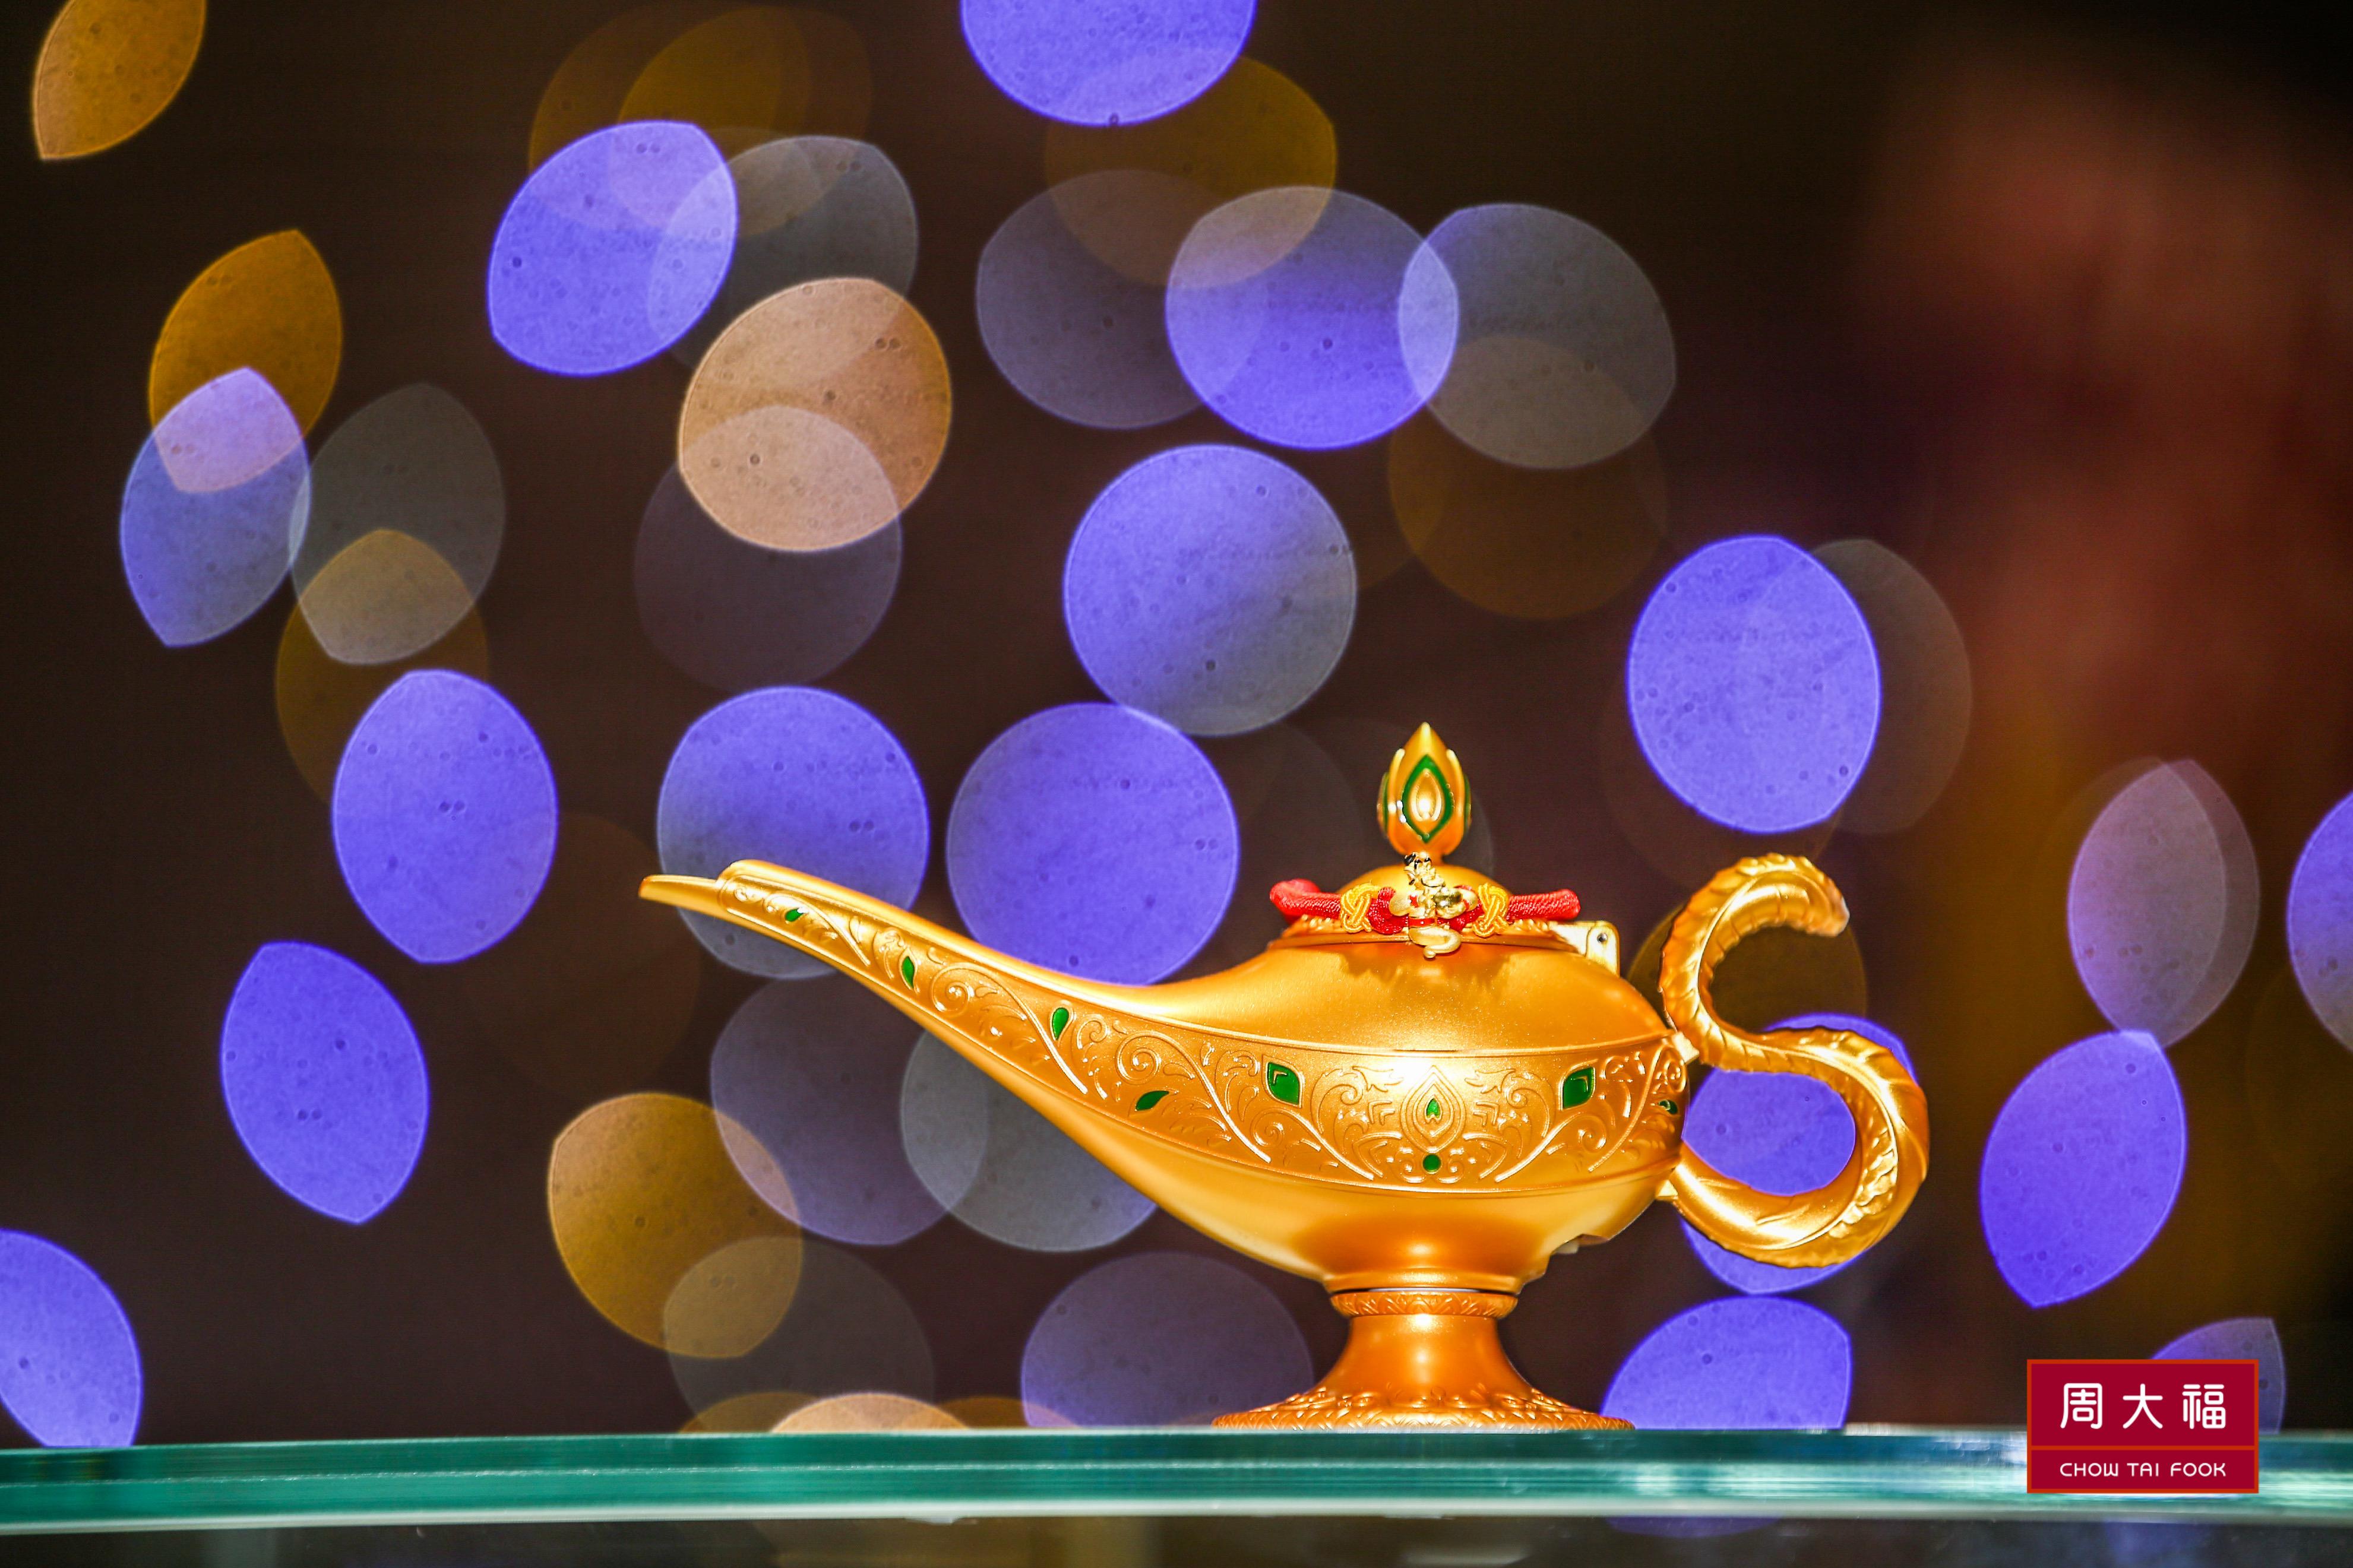 周大福新品邀约神秘,唤醒灯神,与黄圣池共赴金色魔法盛宴